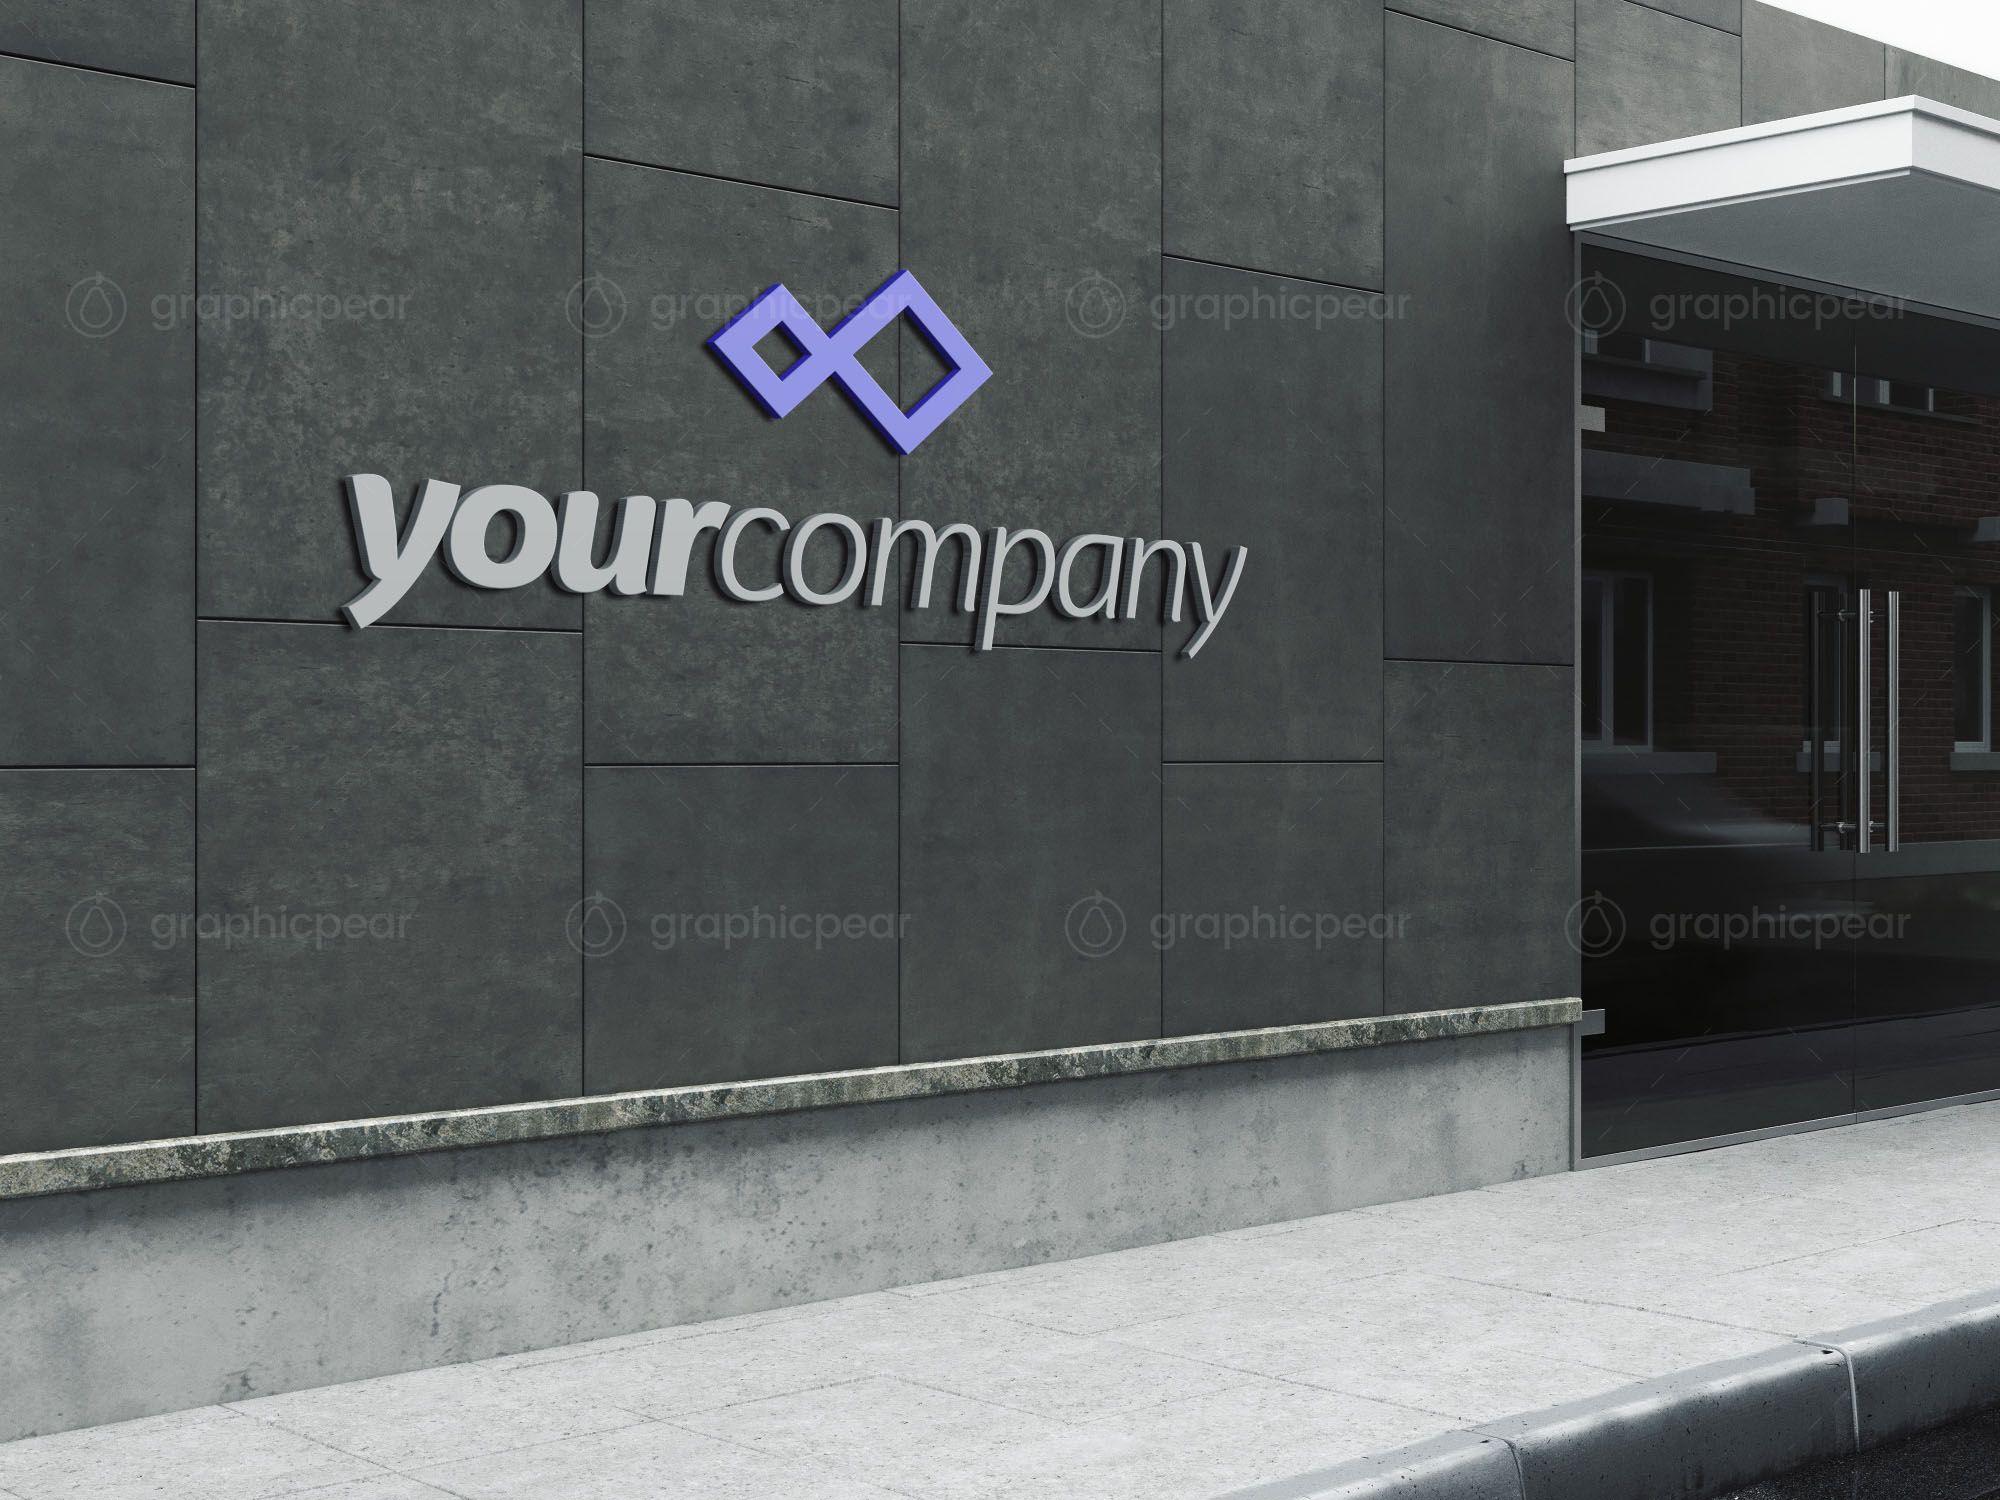 Company Sign Mockup Sign Mockup Mockup Free Psd Building Signs